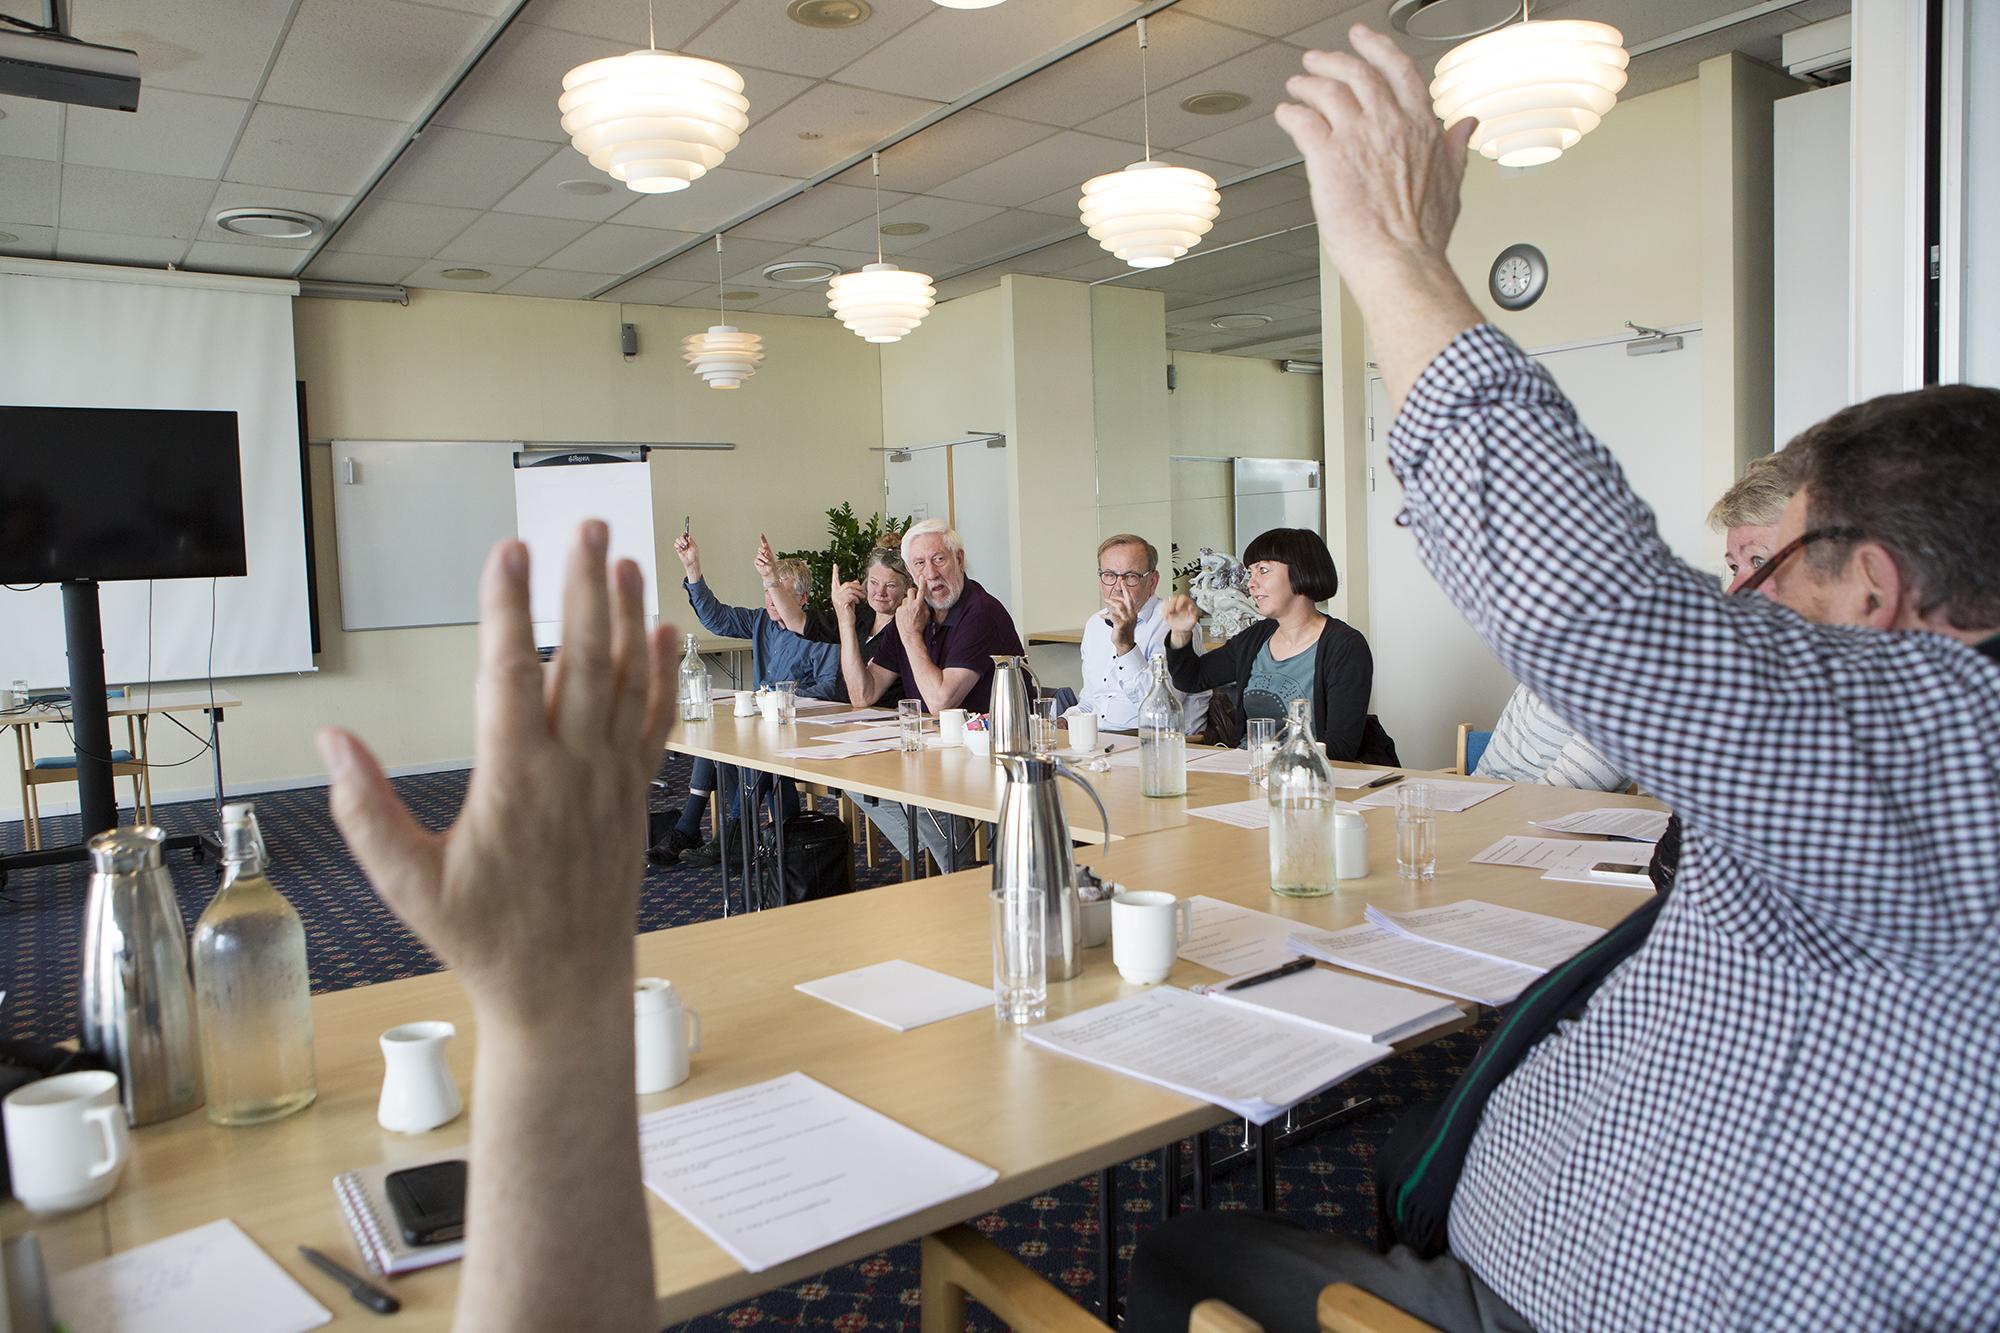 Der Bliver Stemt På Generalforsamlingen For Danske Fødevare- Og Landbrugsjournalister I Hirtshals Torsdag 18. Maj 2017. Foto: Claus Haagensen.